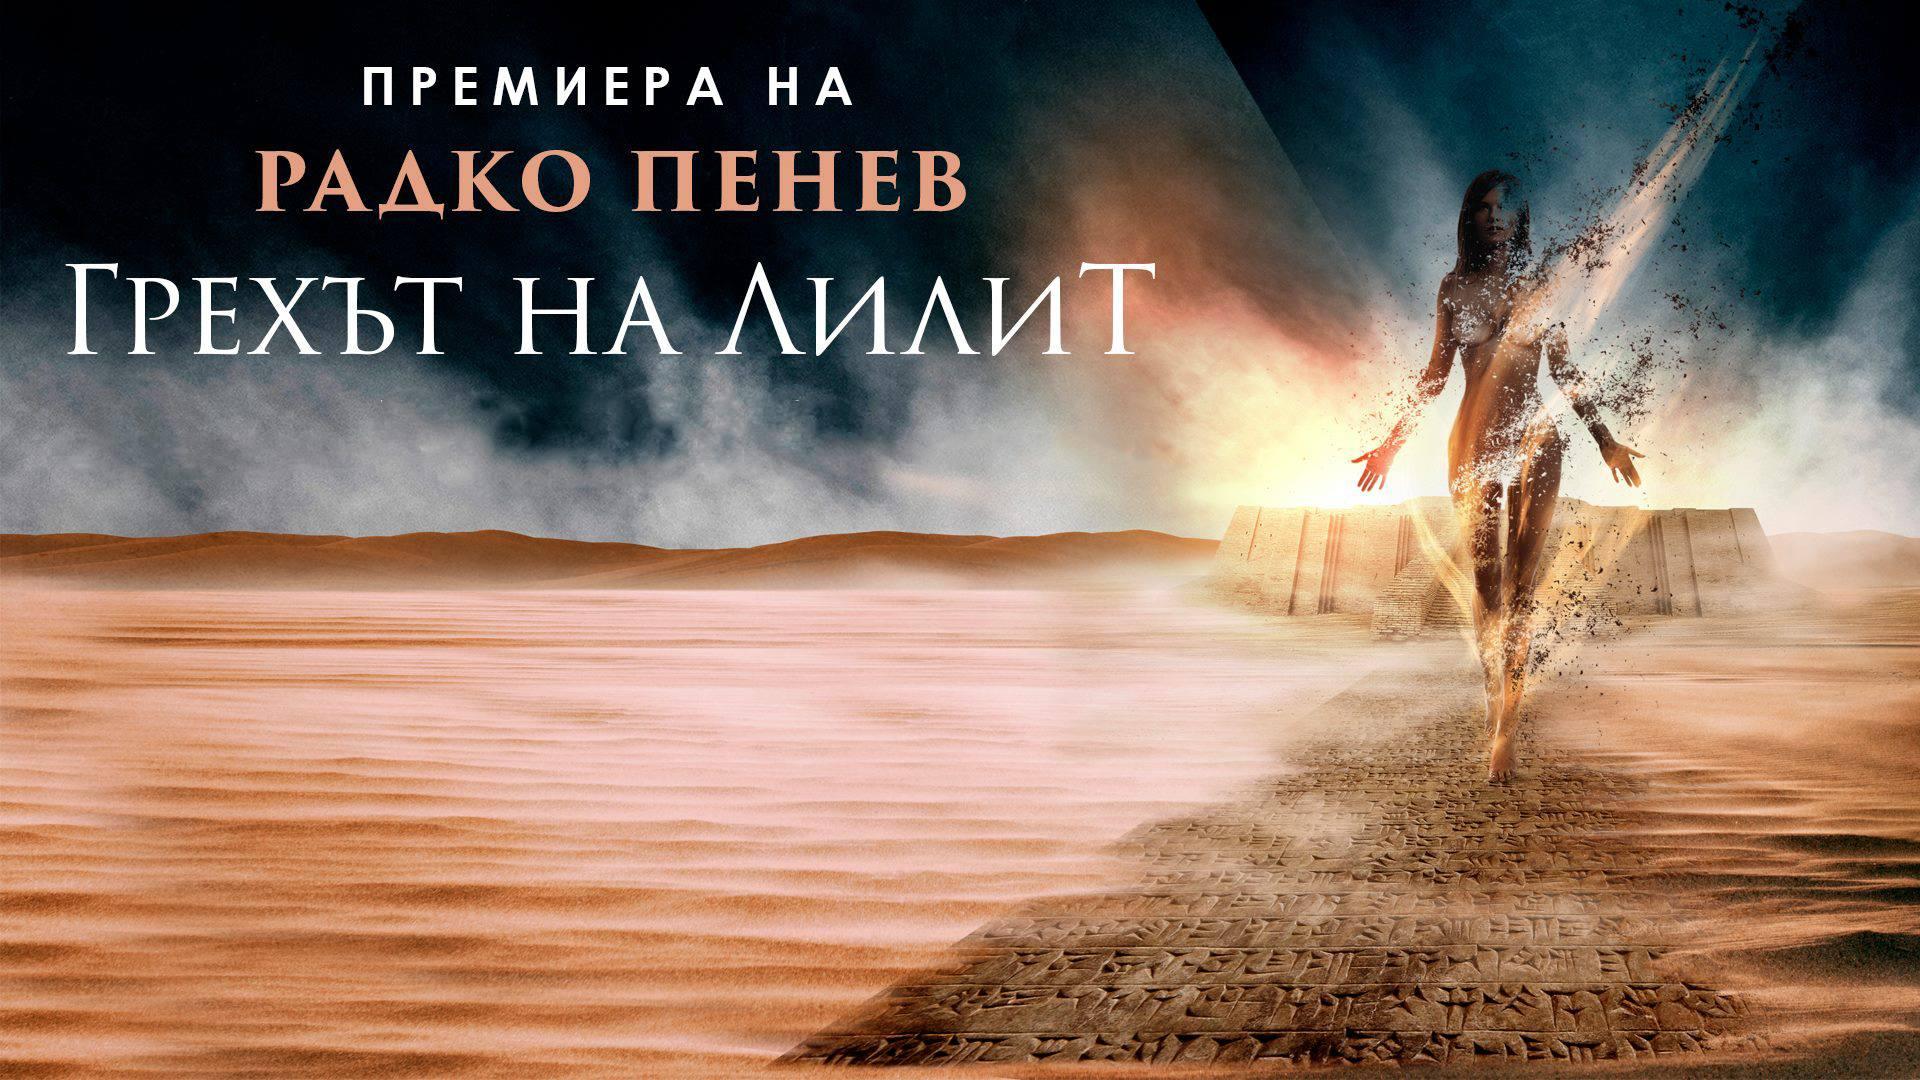 """Преставяне на """"Грехът на Лилит"""" от Радко Пенев"""